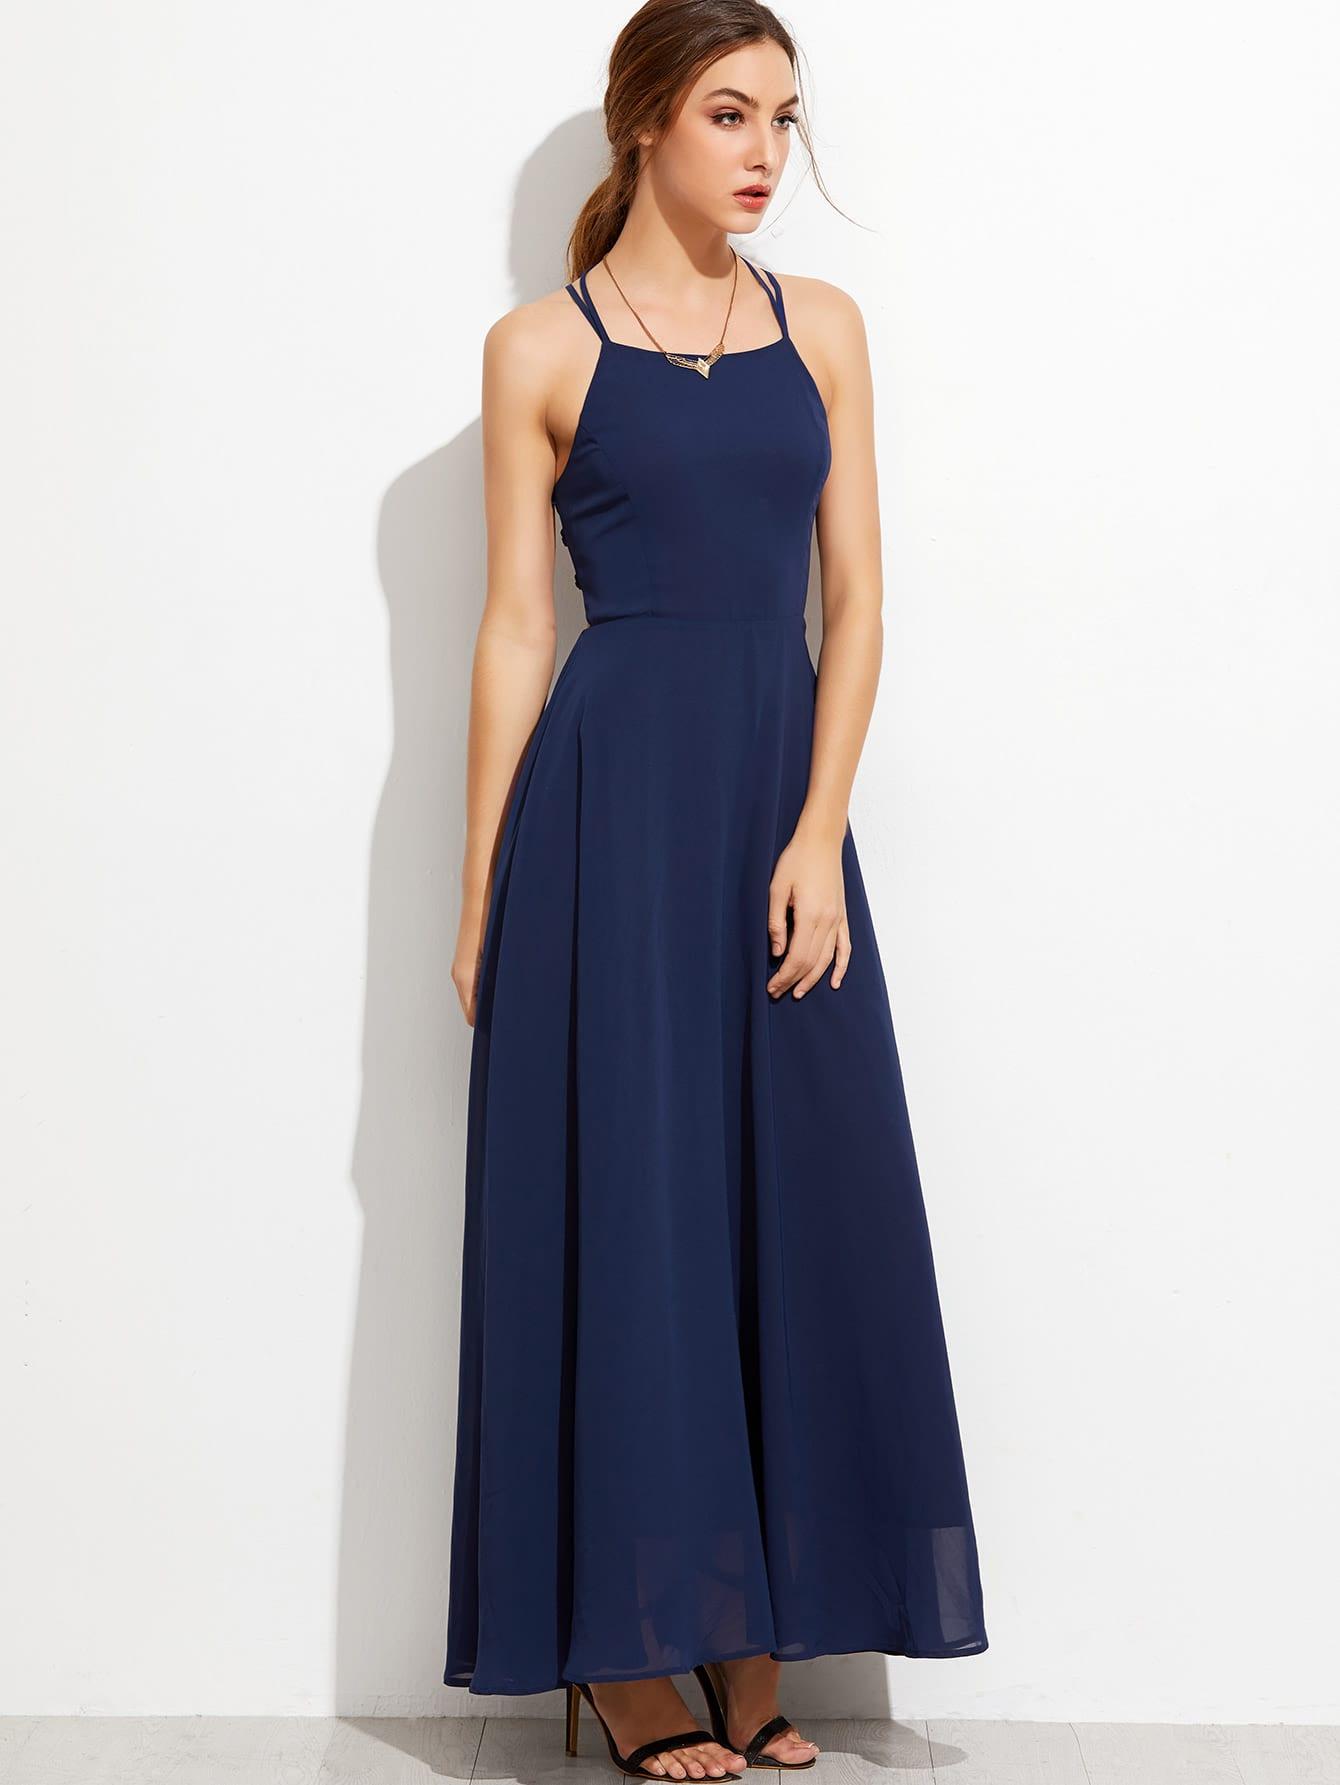 dress160928702_2